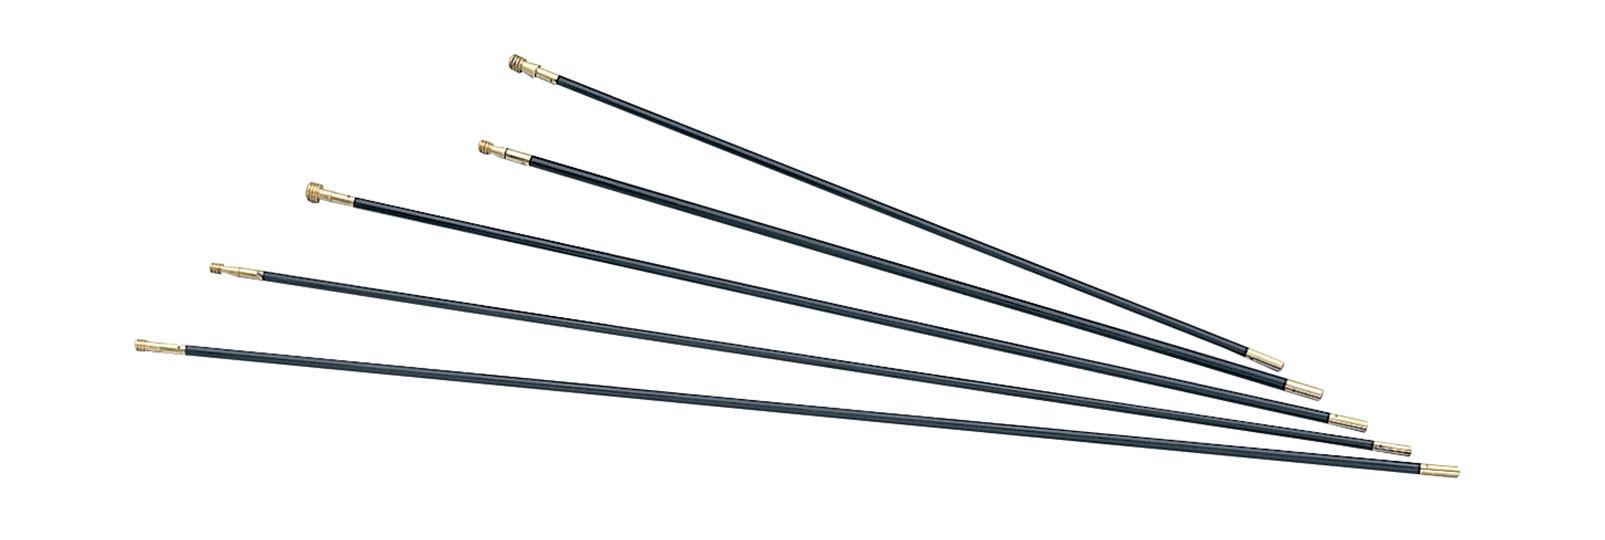 Fiber rod m.l. guns 10x720 mm .54